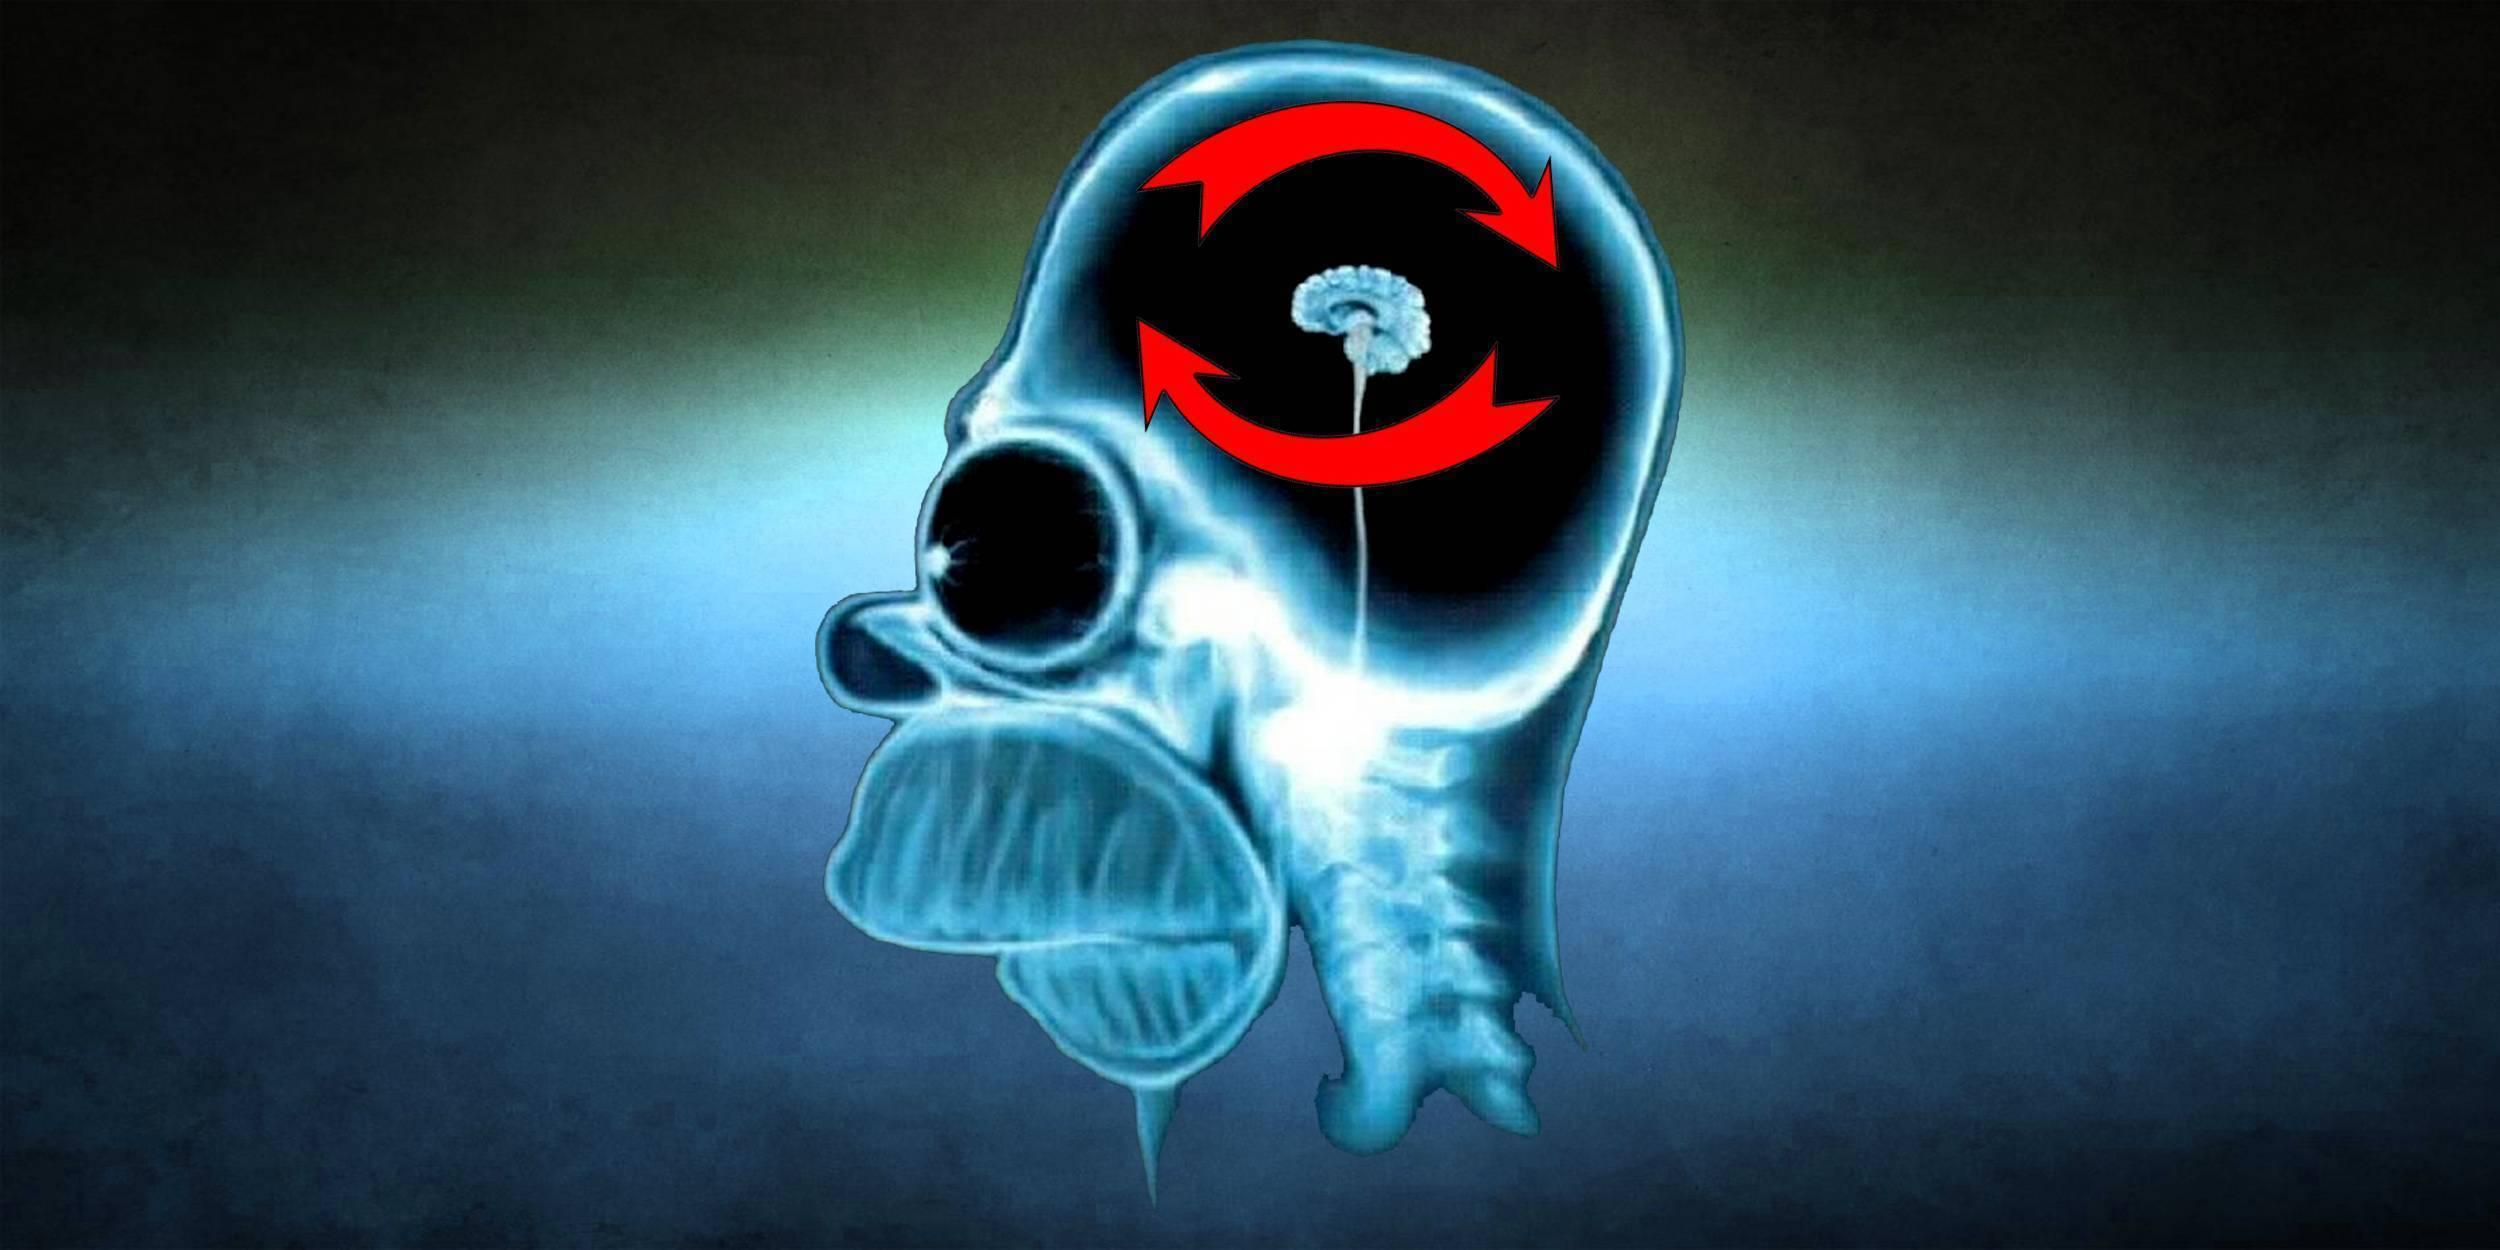 Внимание опасность! последствия сотрясения головного мозга у ребенка